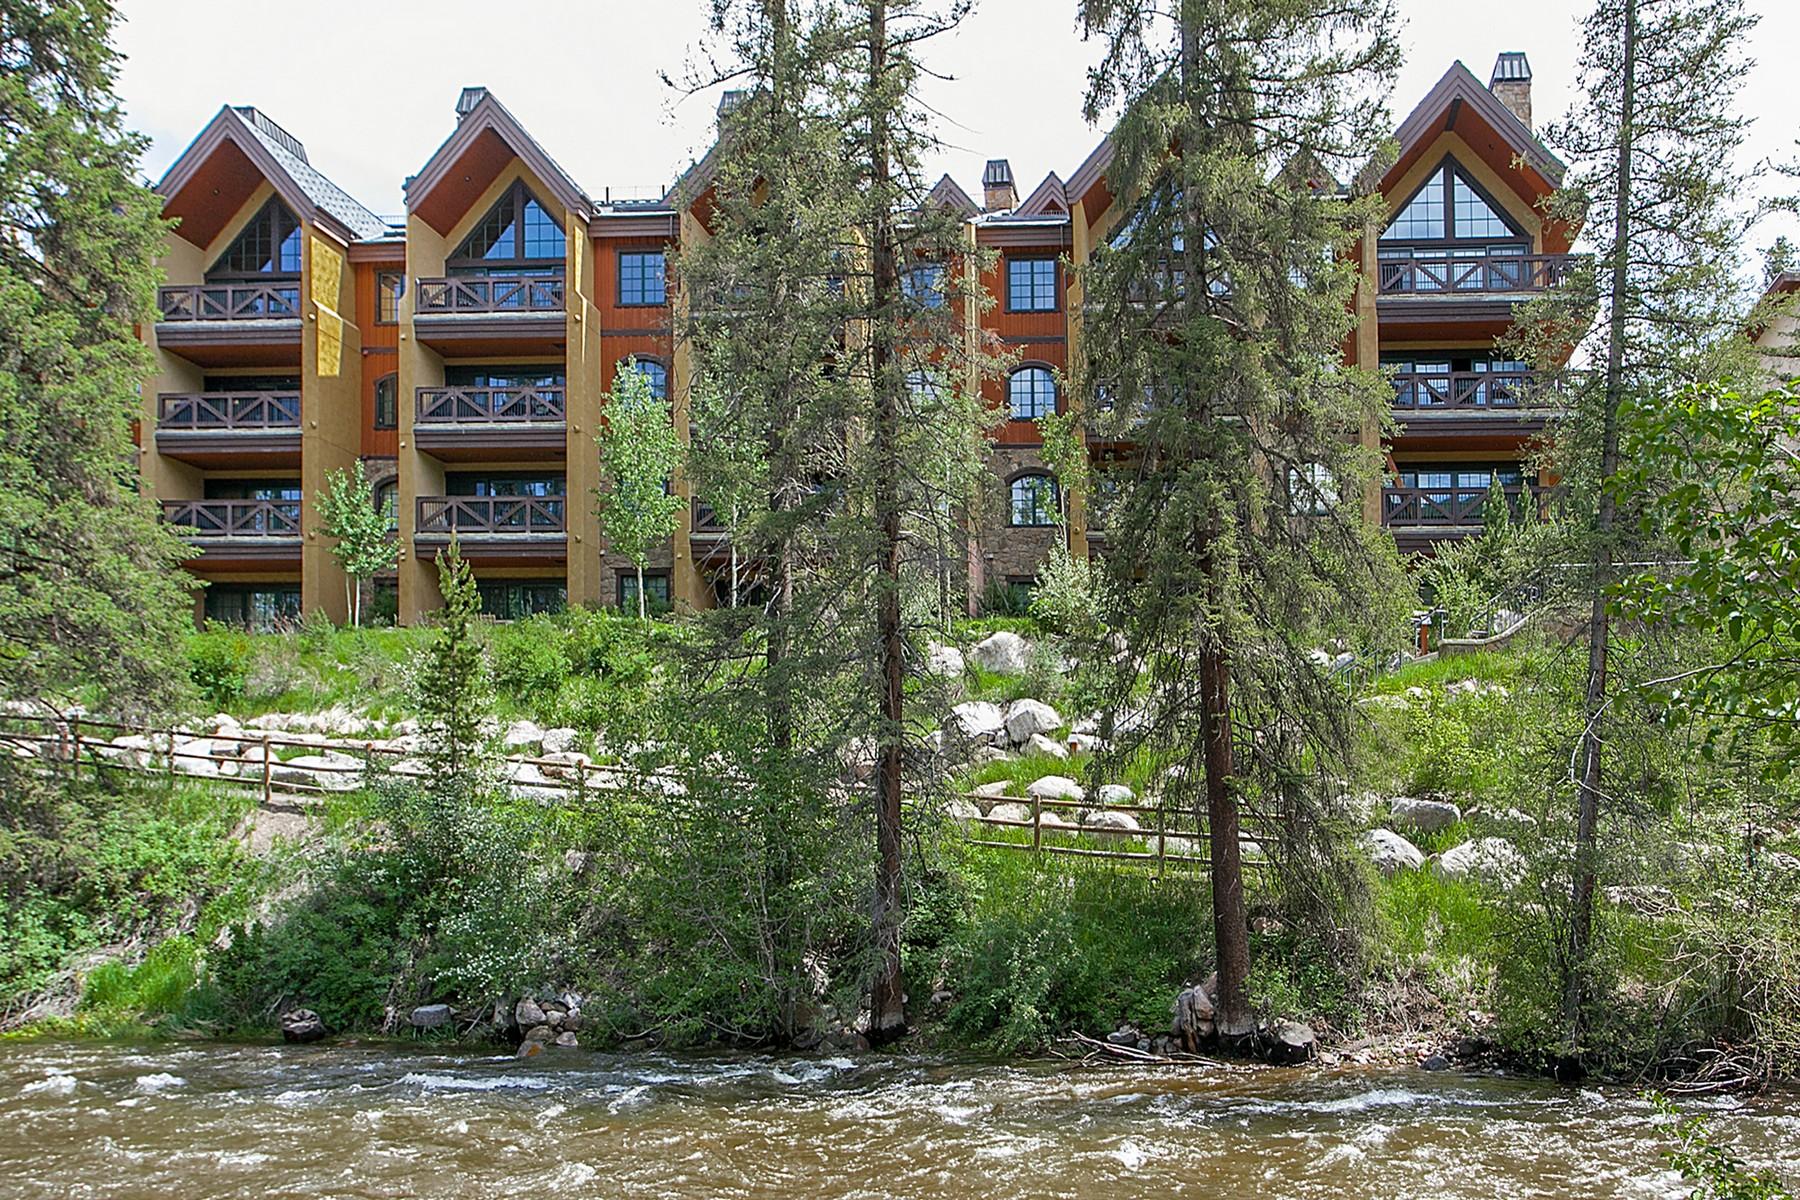 共管物業 為 出售 在 Mountain View Residence #306 434 South Frontage Rd 306 Vail, 科羅拉多州, 81657 美國